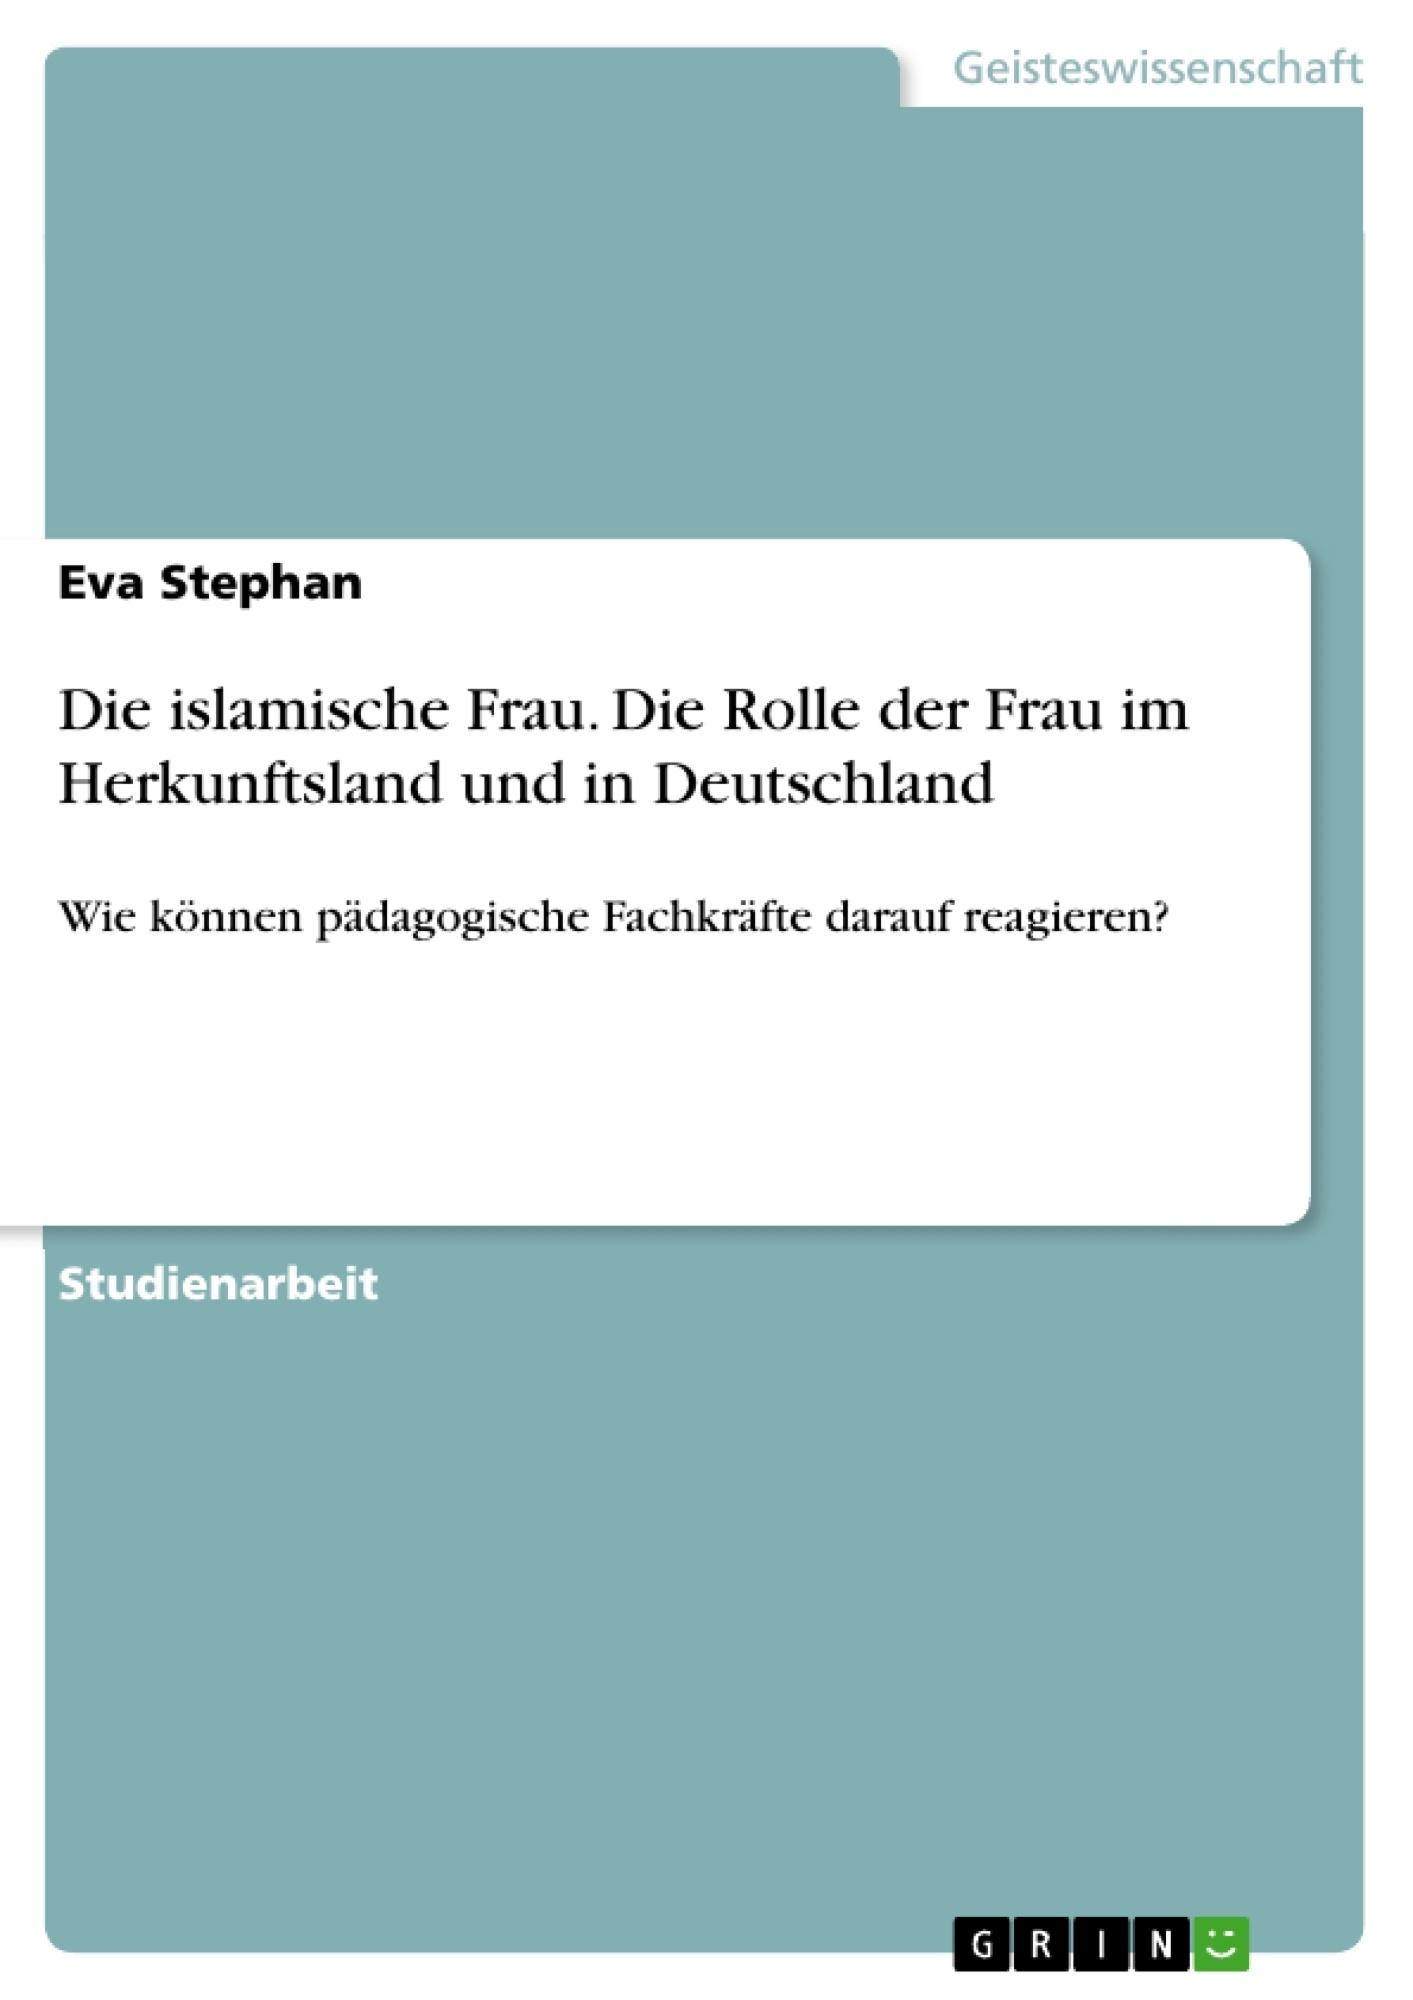 Titel: Die islamische Frau. Die Rolle der Frau im Herkunftsland und in Deutschland